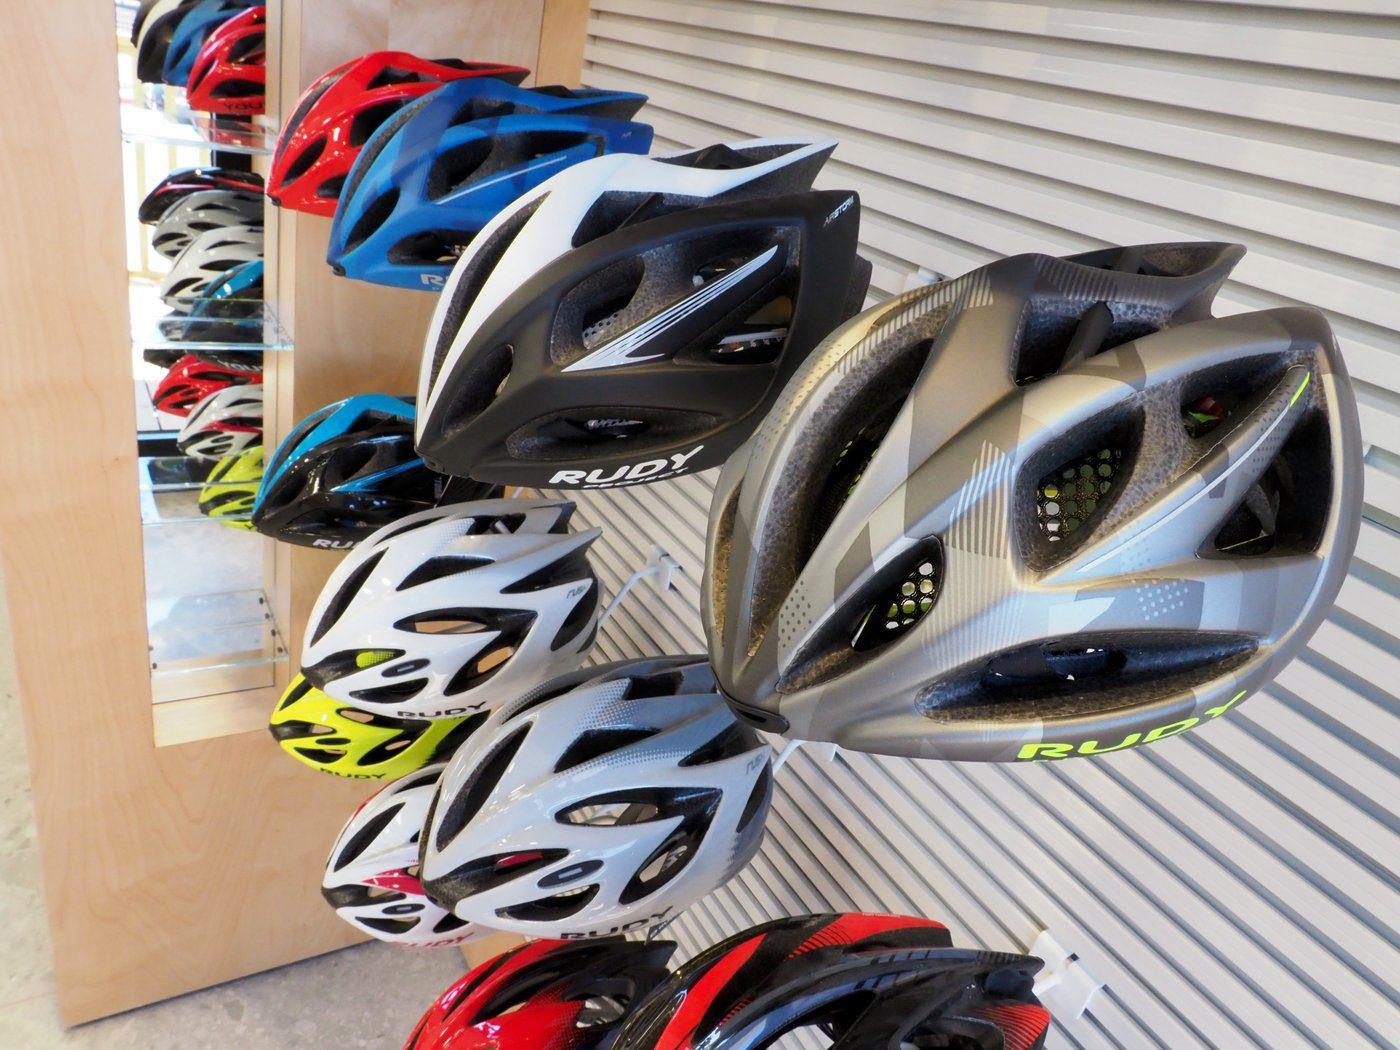 קסדות אופניים רודי פרוג'קט